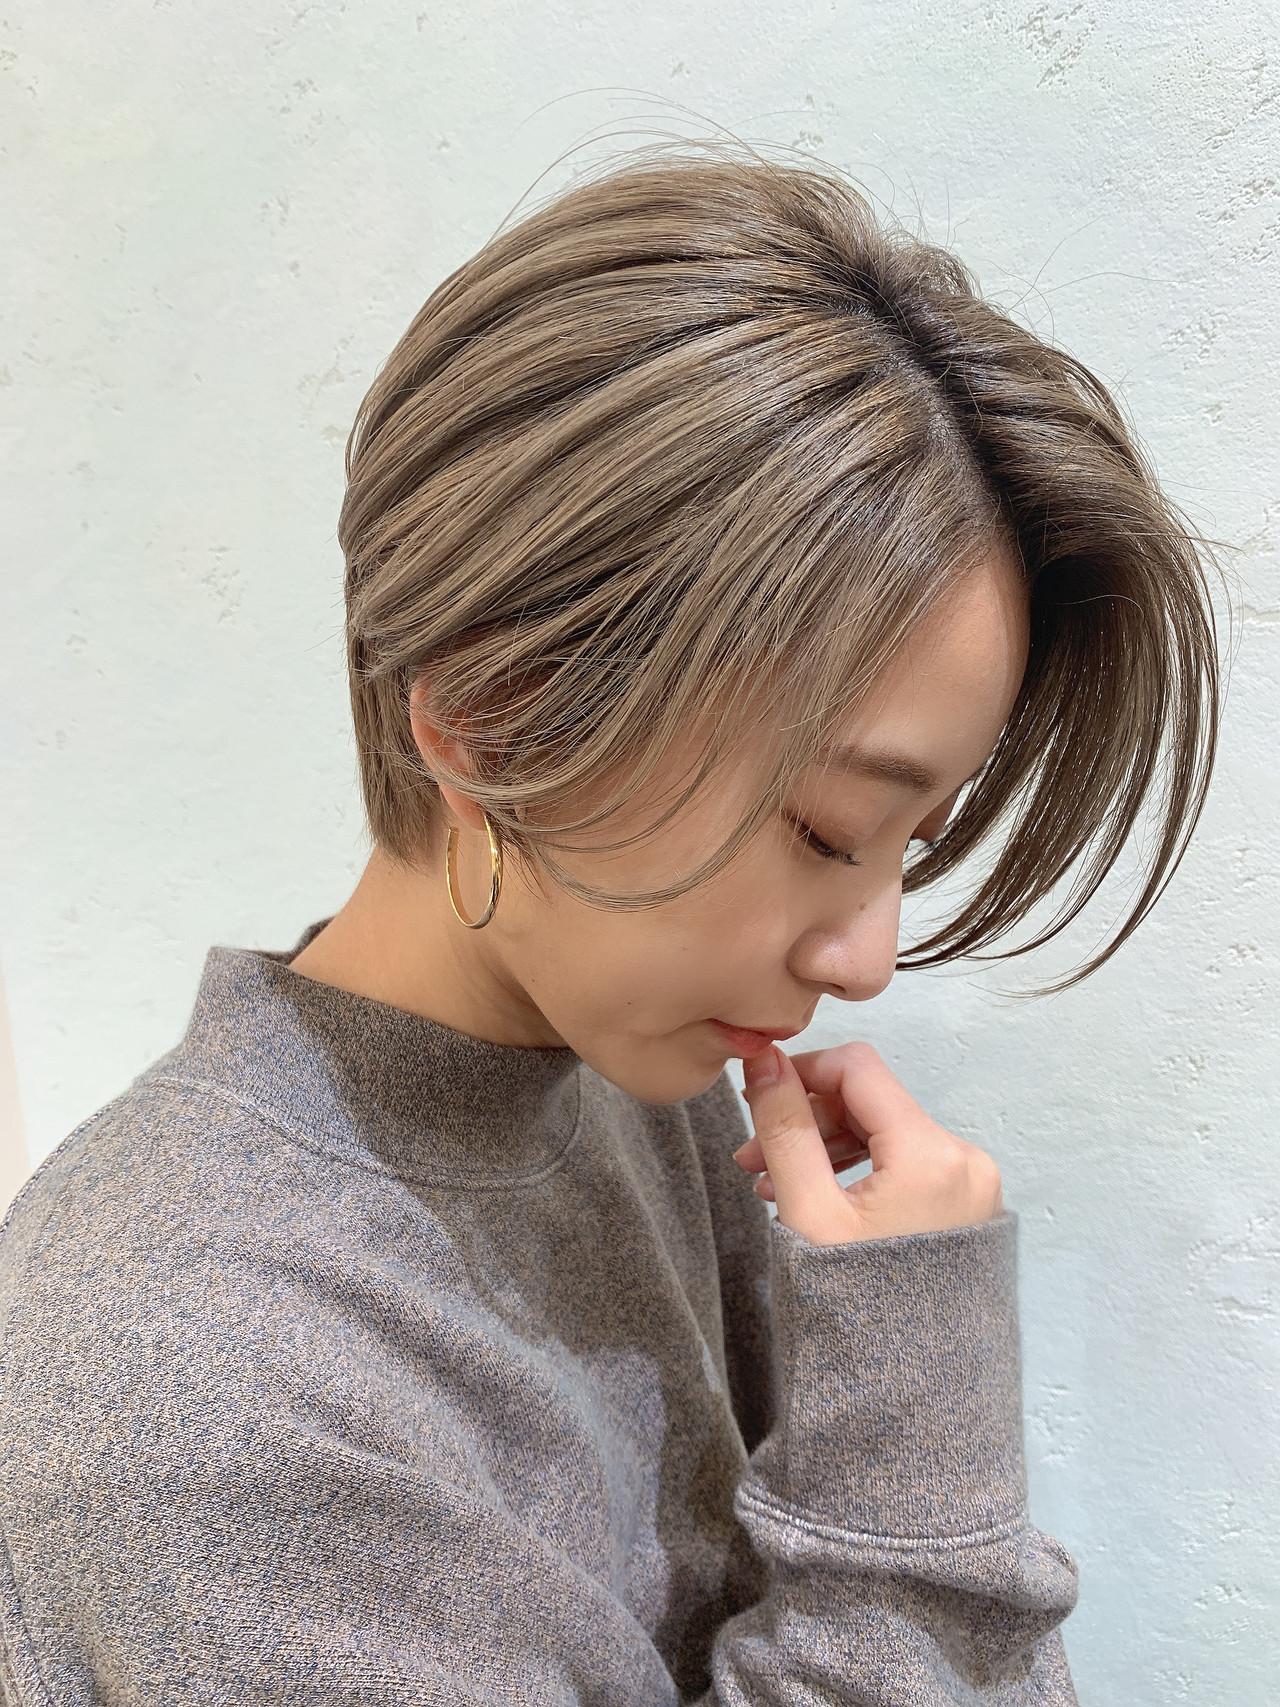 ナチュラル ショート 大人可愛い 小顔ヘア ヘアスタイルや髪型の写真・画像 | 山口 健太 / Lond ange